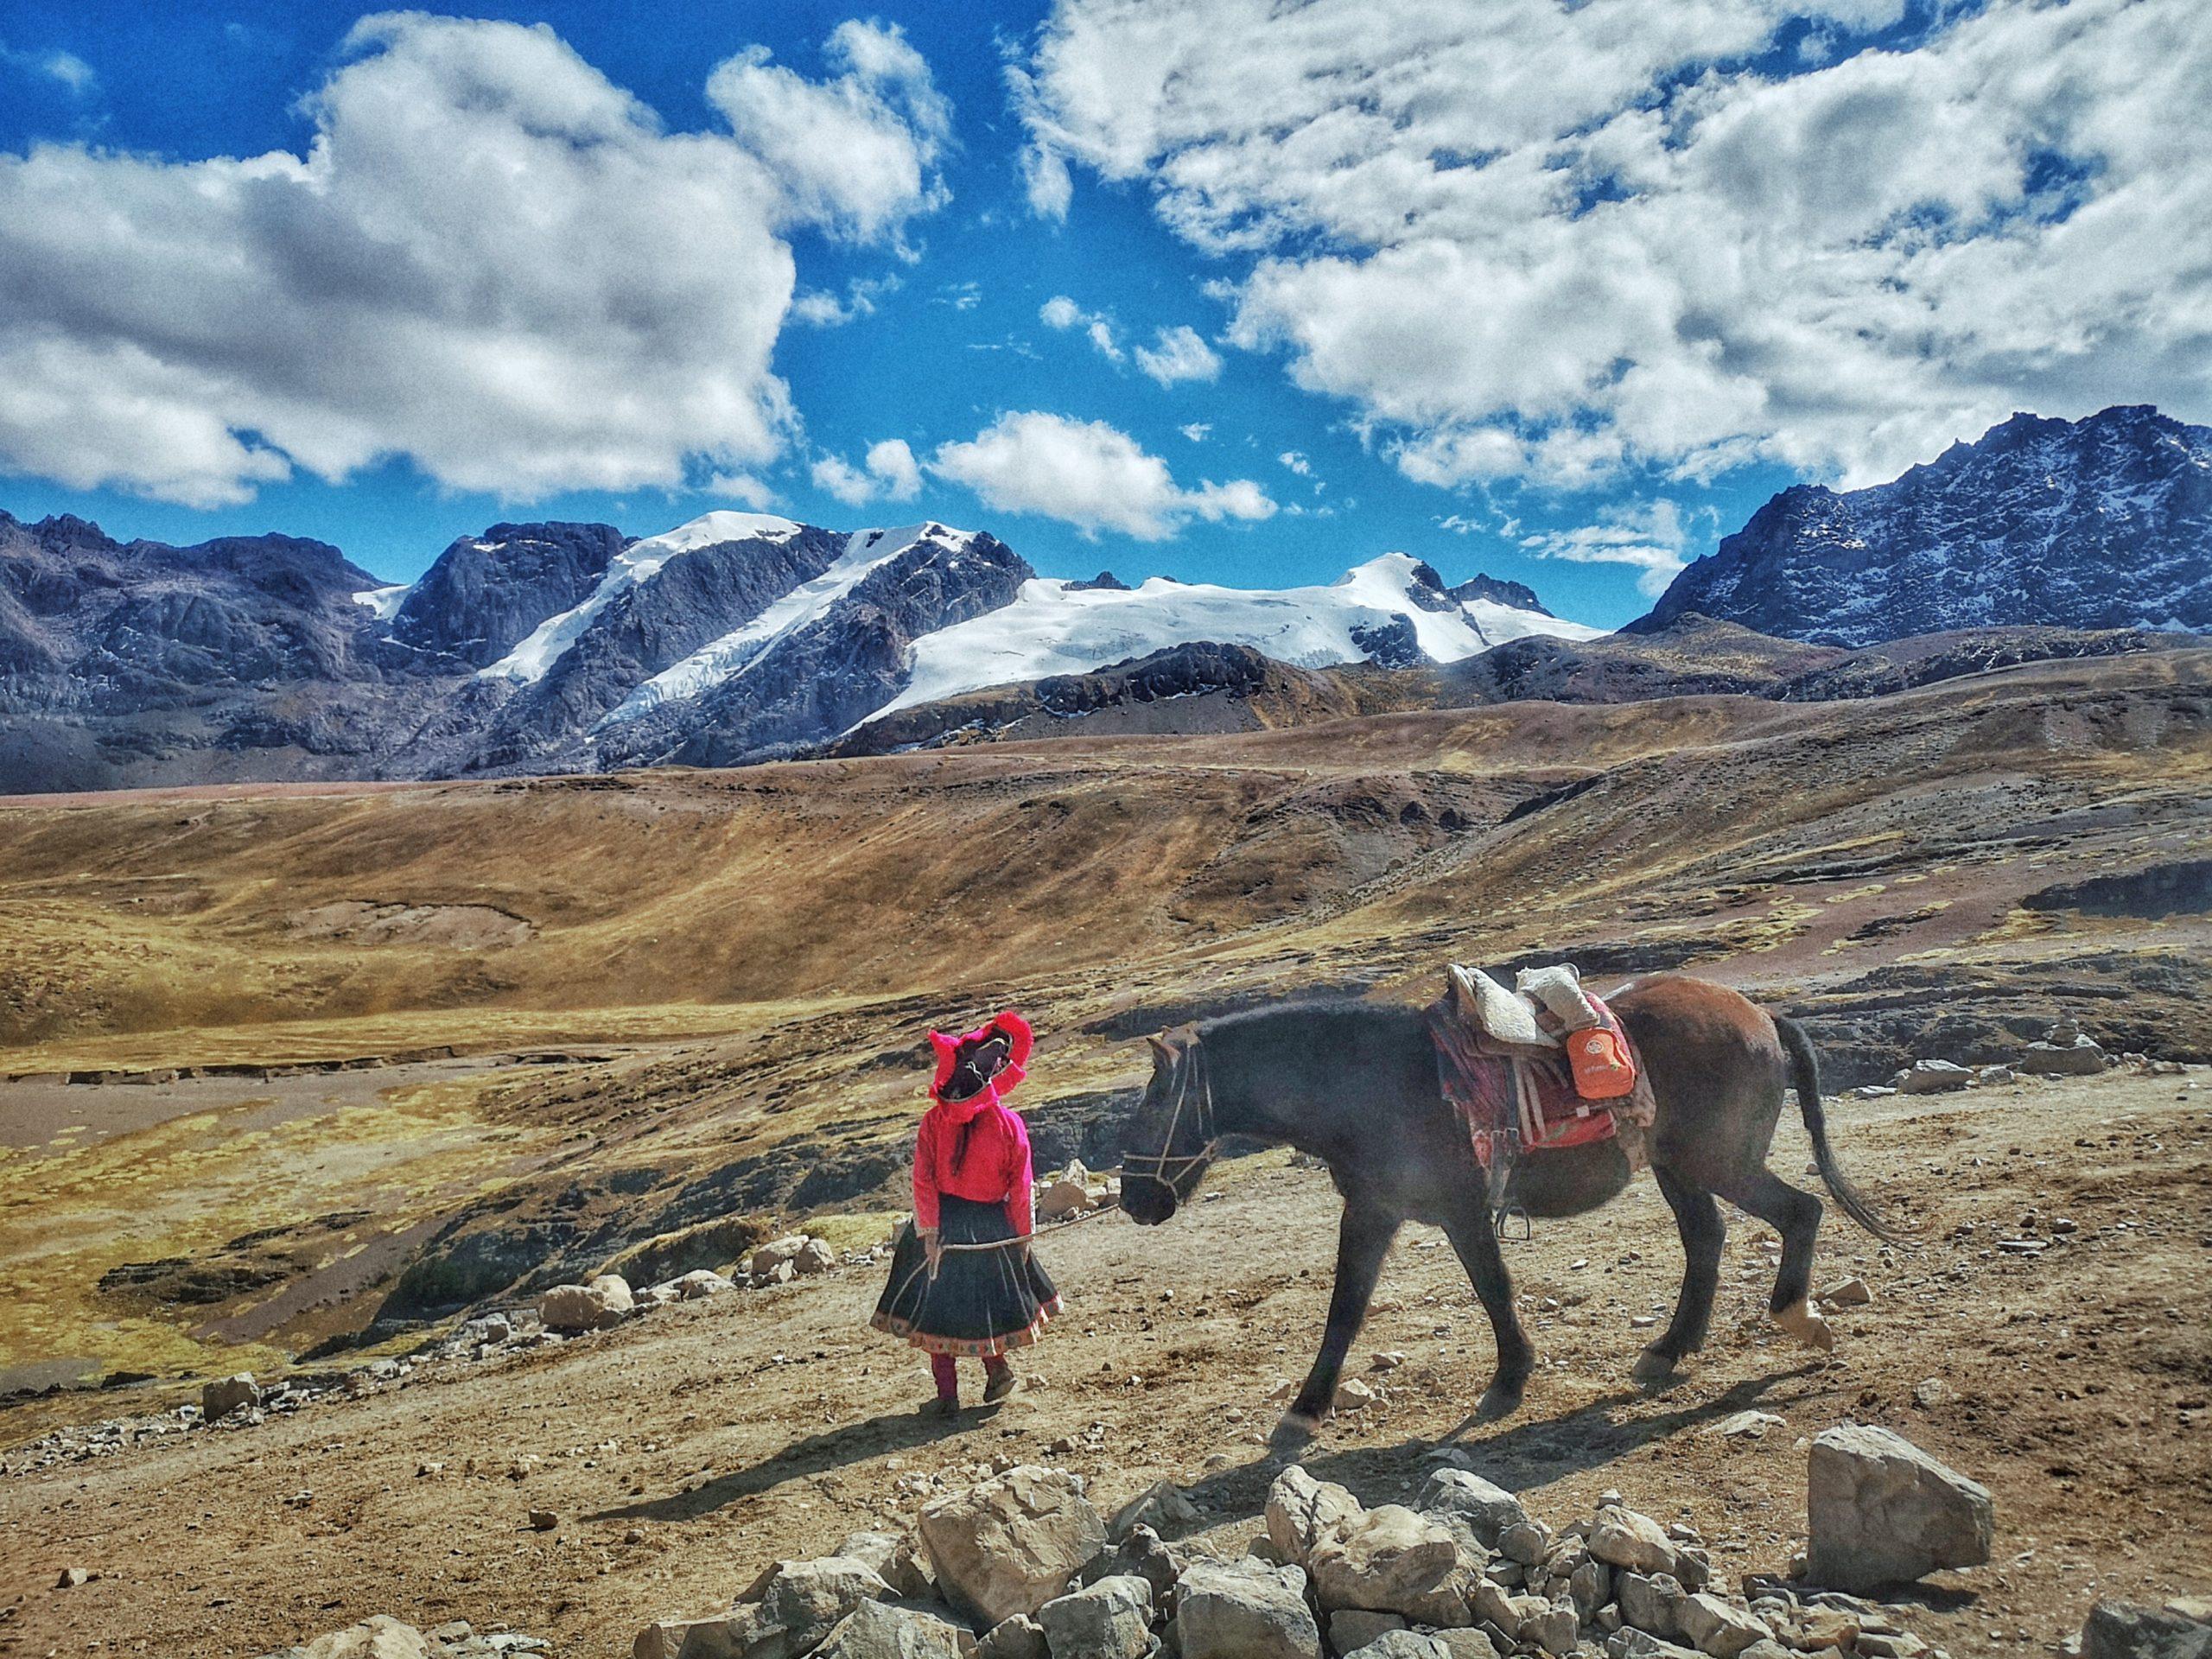 Peru nasveti za potovanje | Popotniški vodič, znamenitosti, informacije